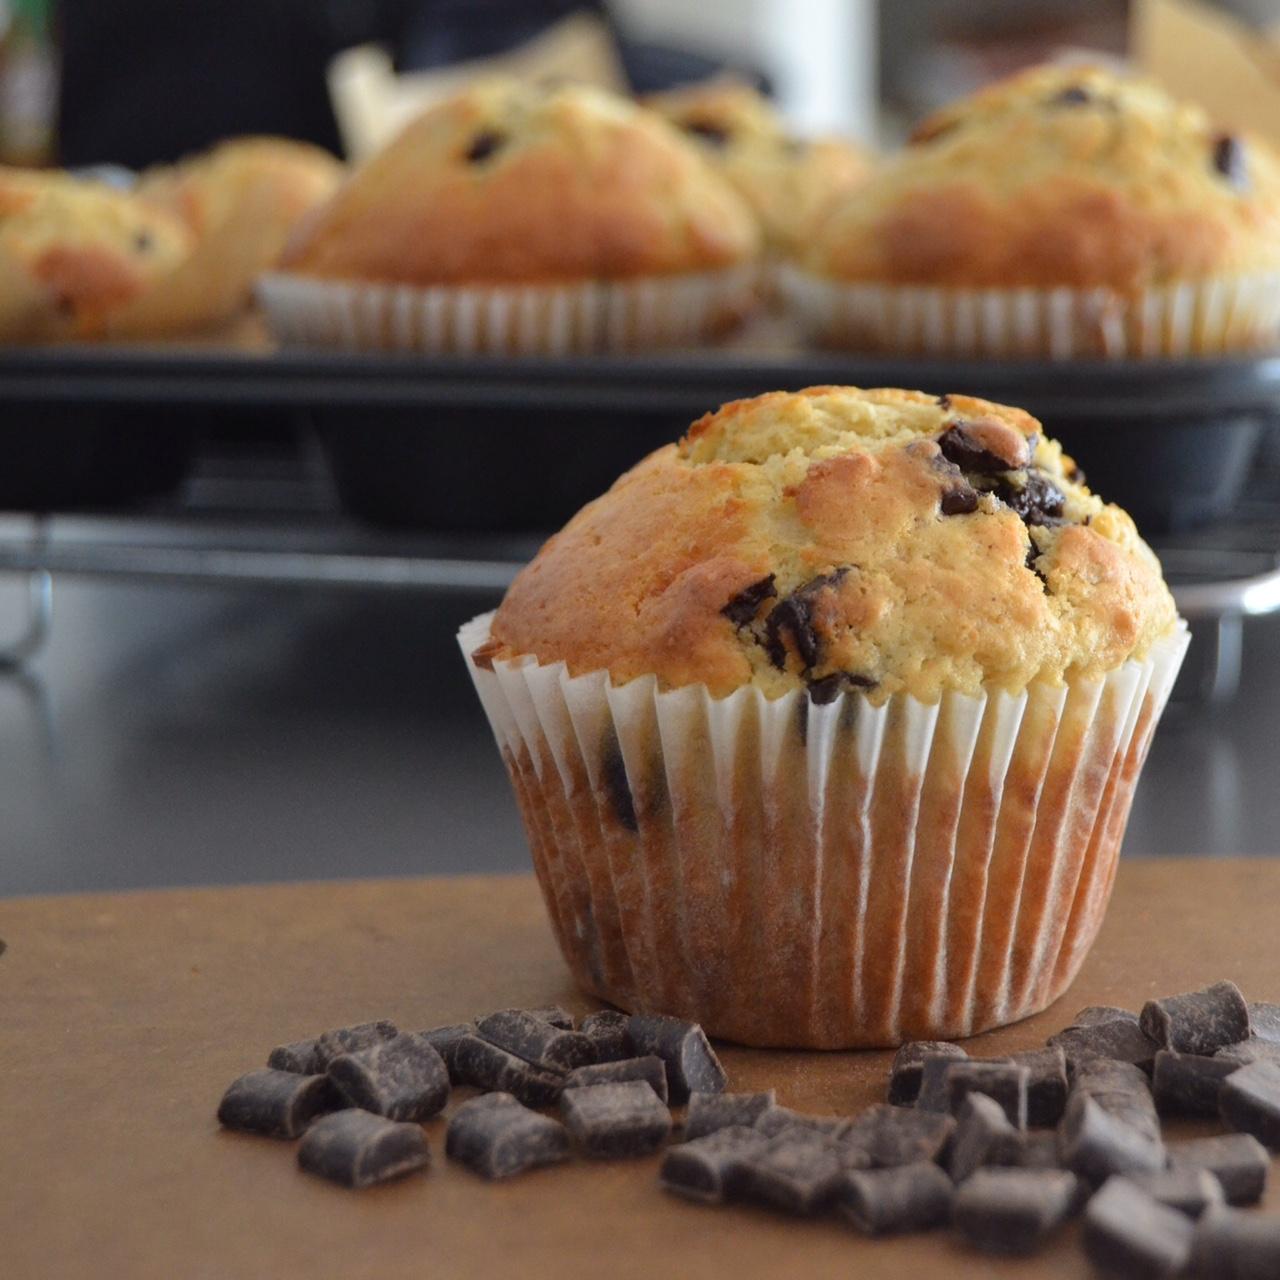 Muffins Whyiamnotskinny